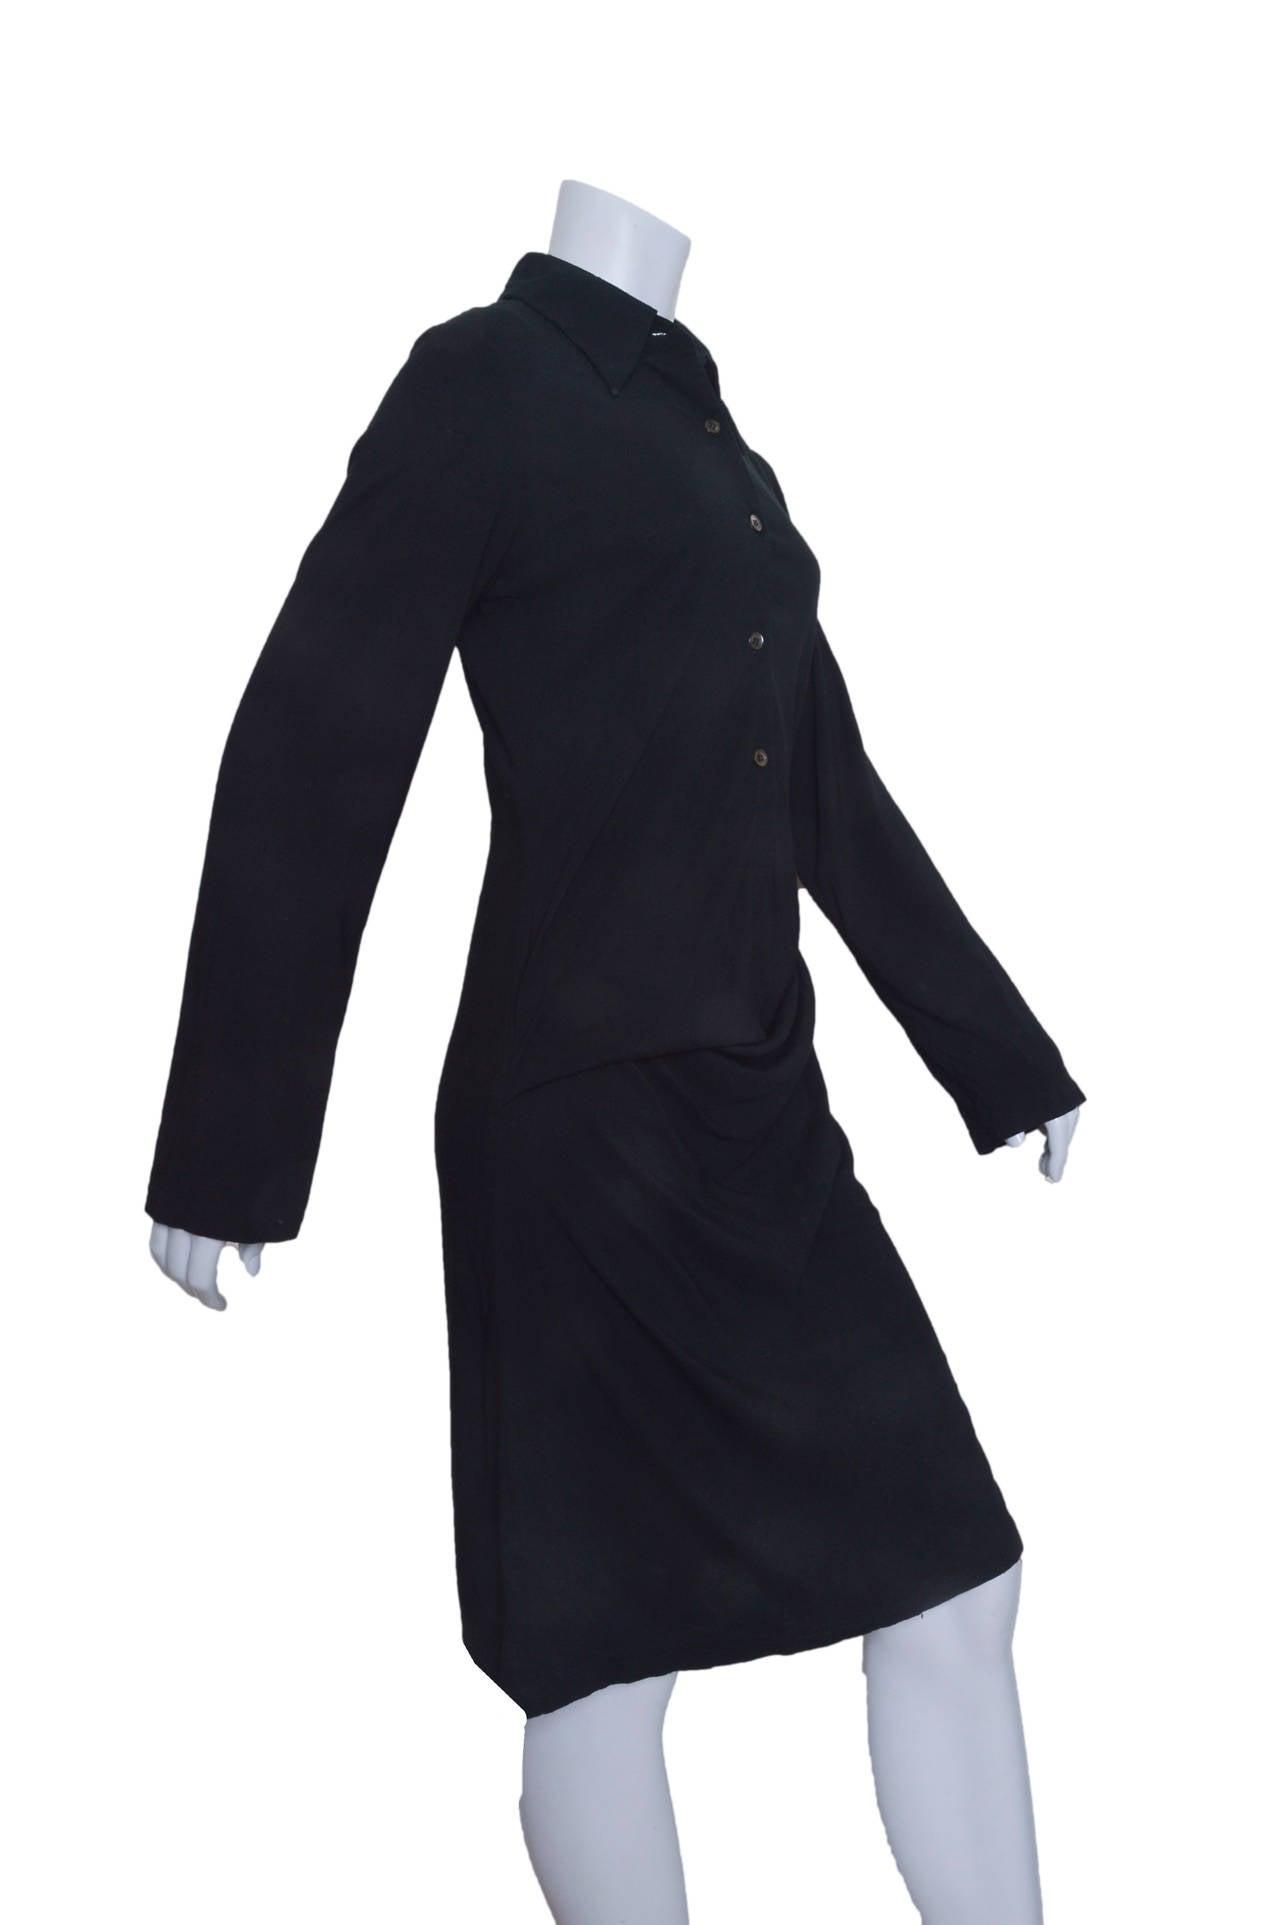 Ann Demeulemeester Asymmetrical Black Shirt Dress 2